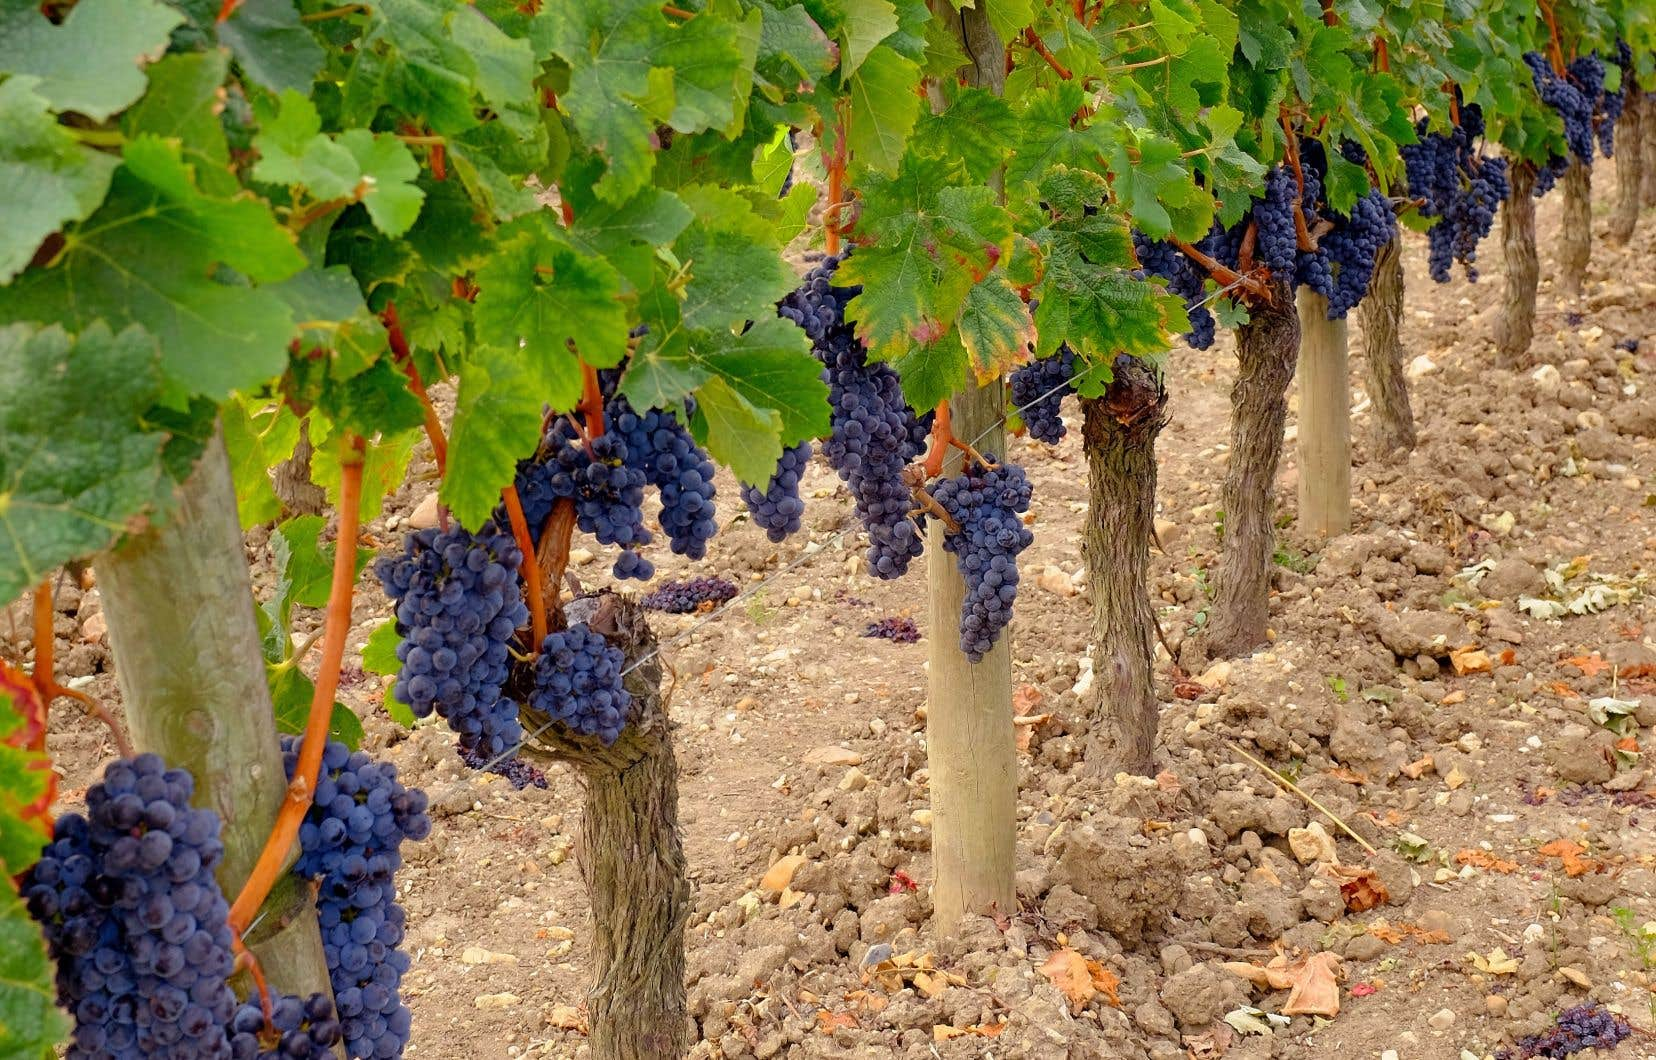 Une taille appropriée assure une juste sortie de fruits. Ici, à Petrus, du côté de Pomerol.